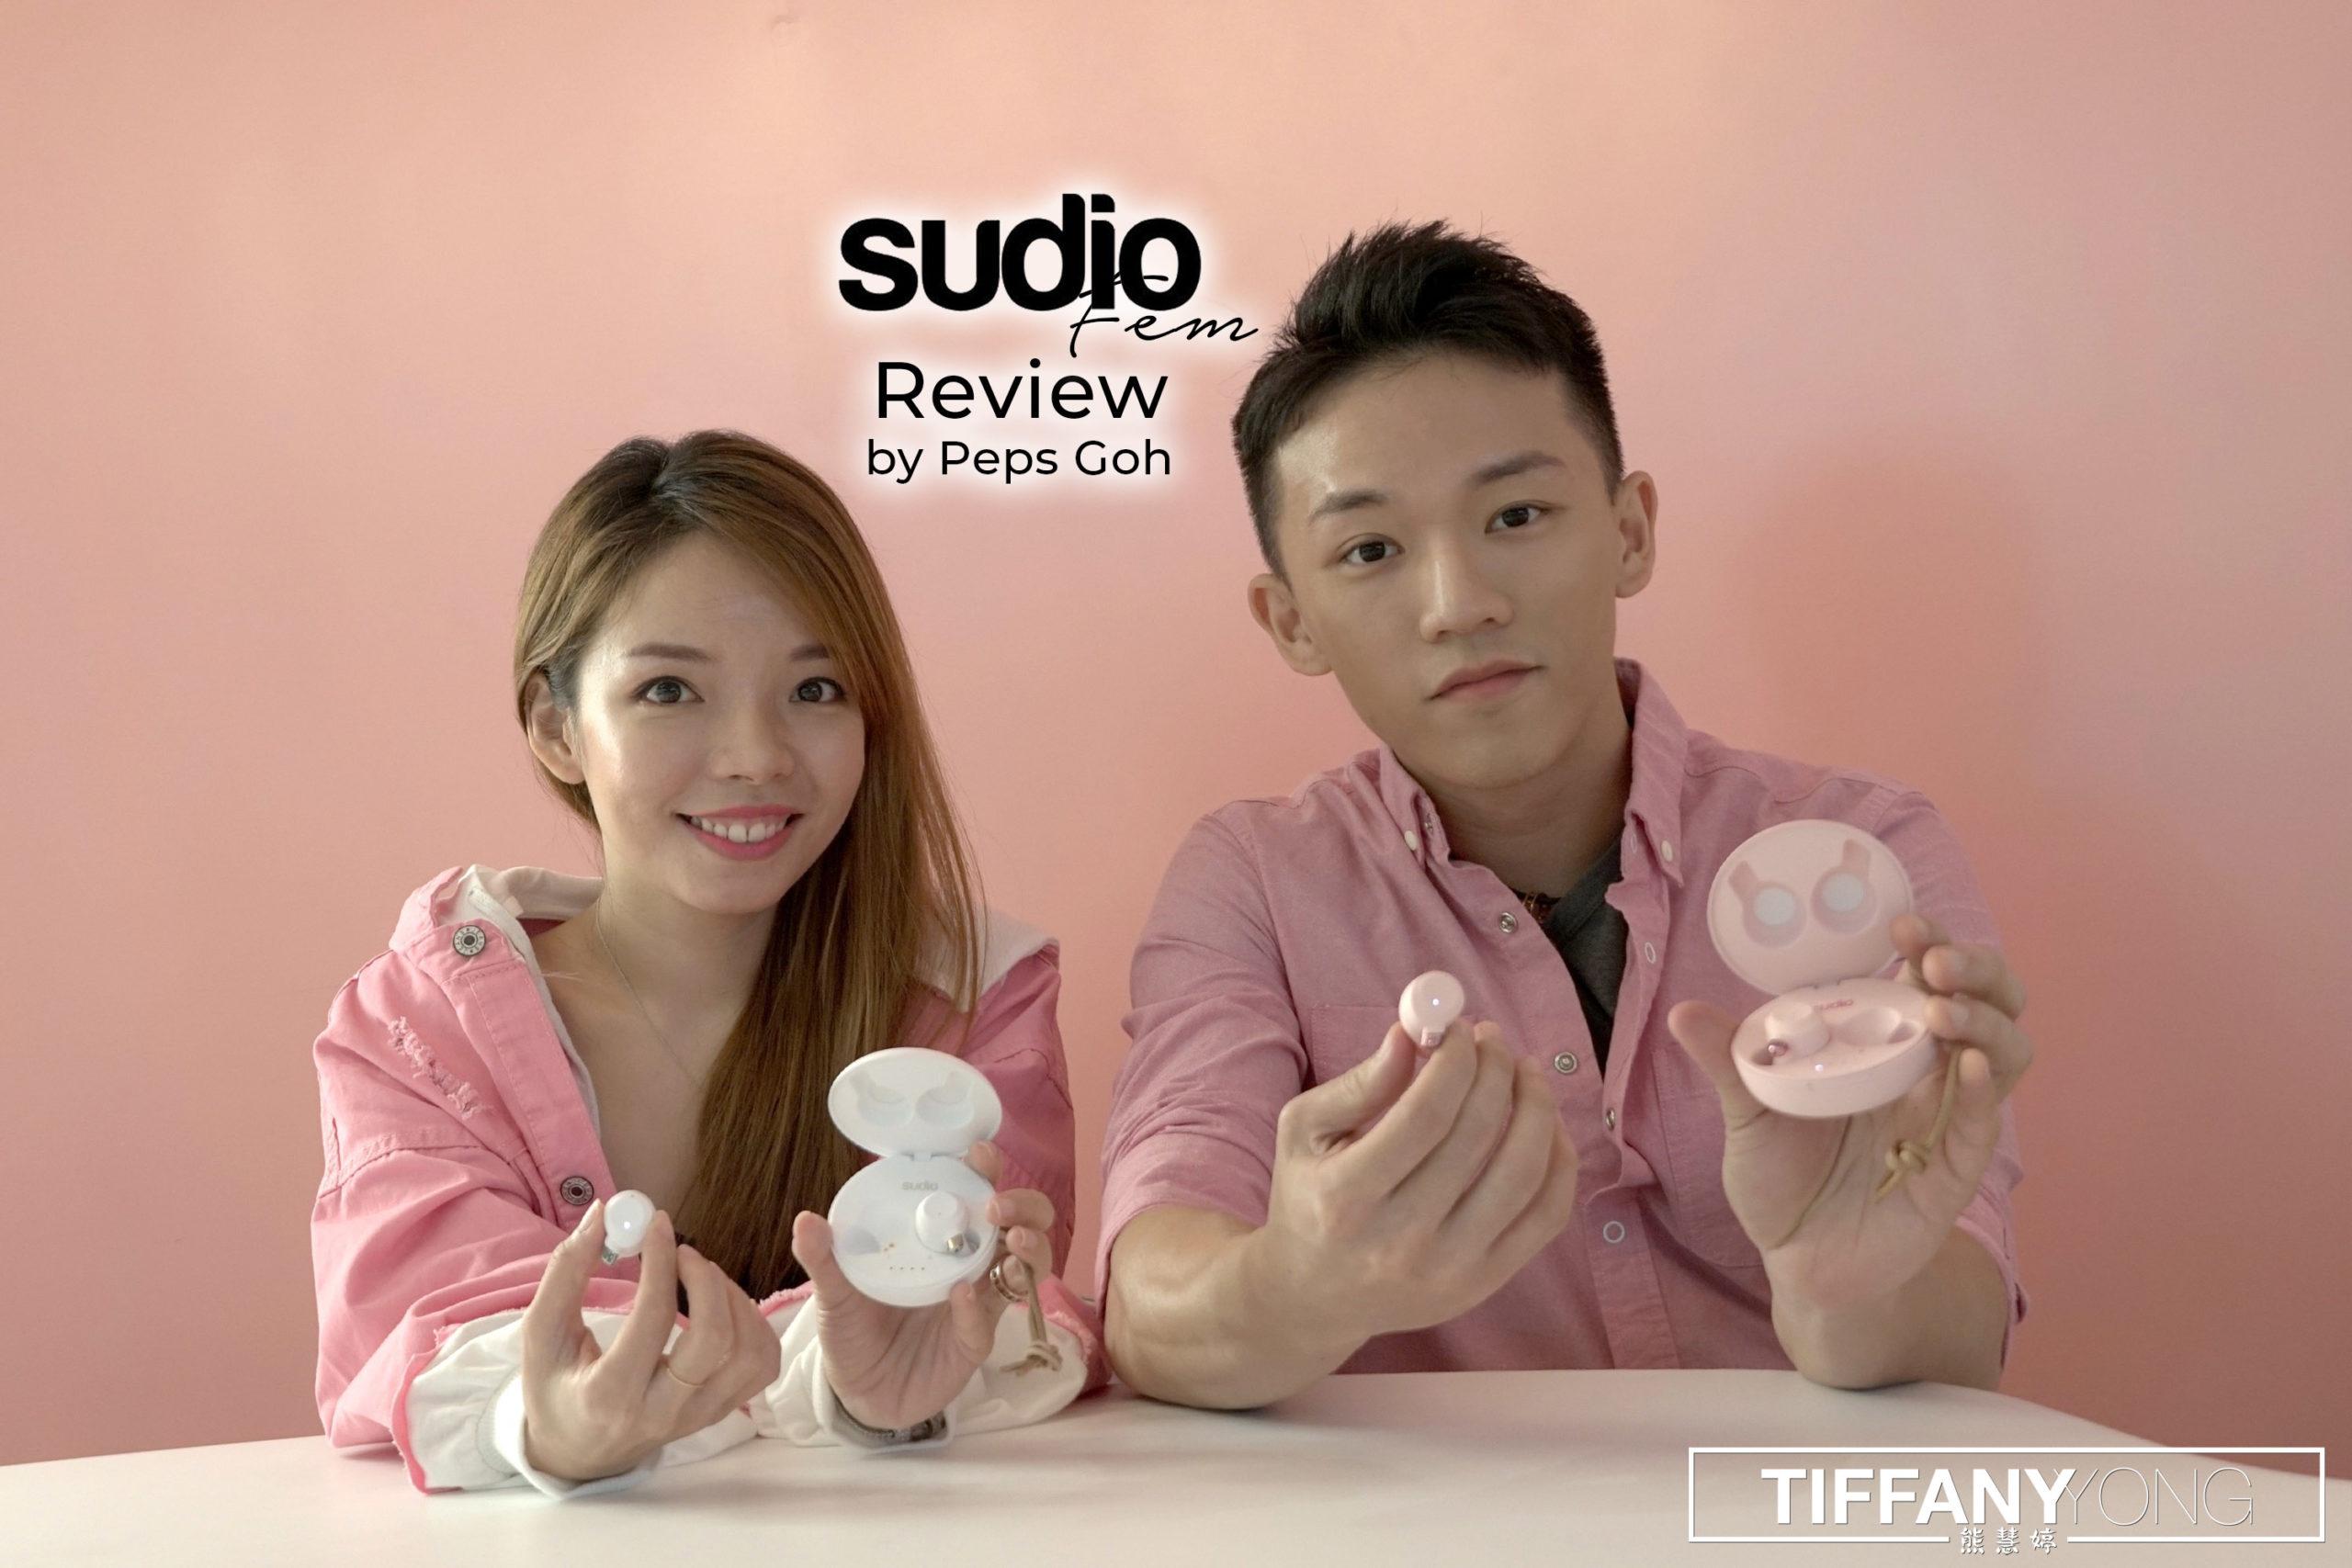 Sudio Fem Review by Peps Goh